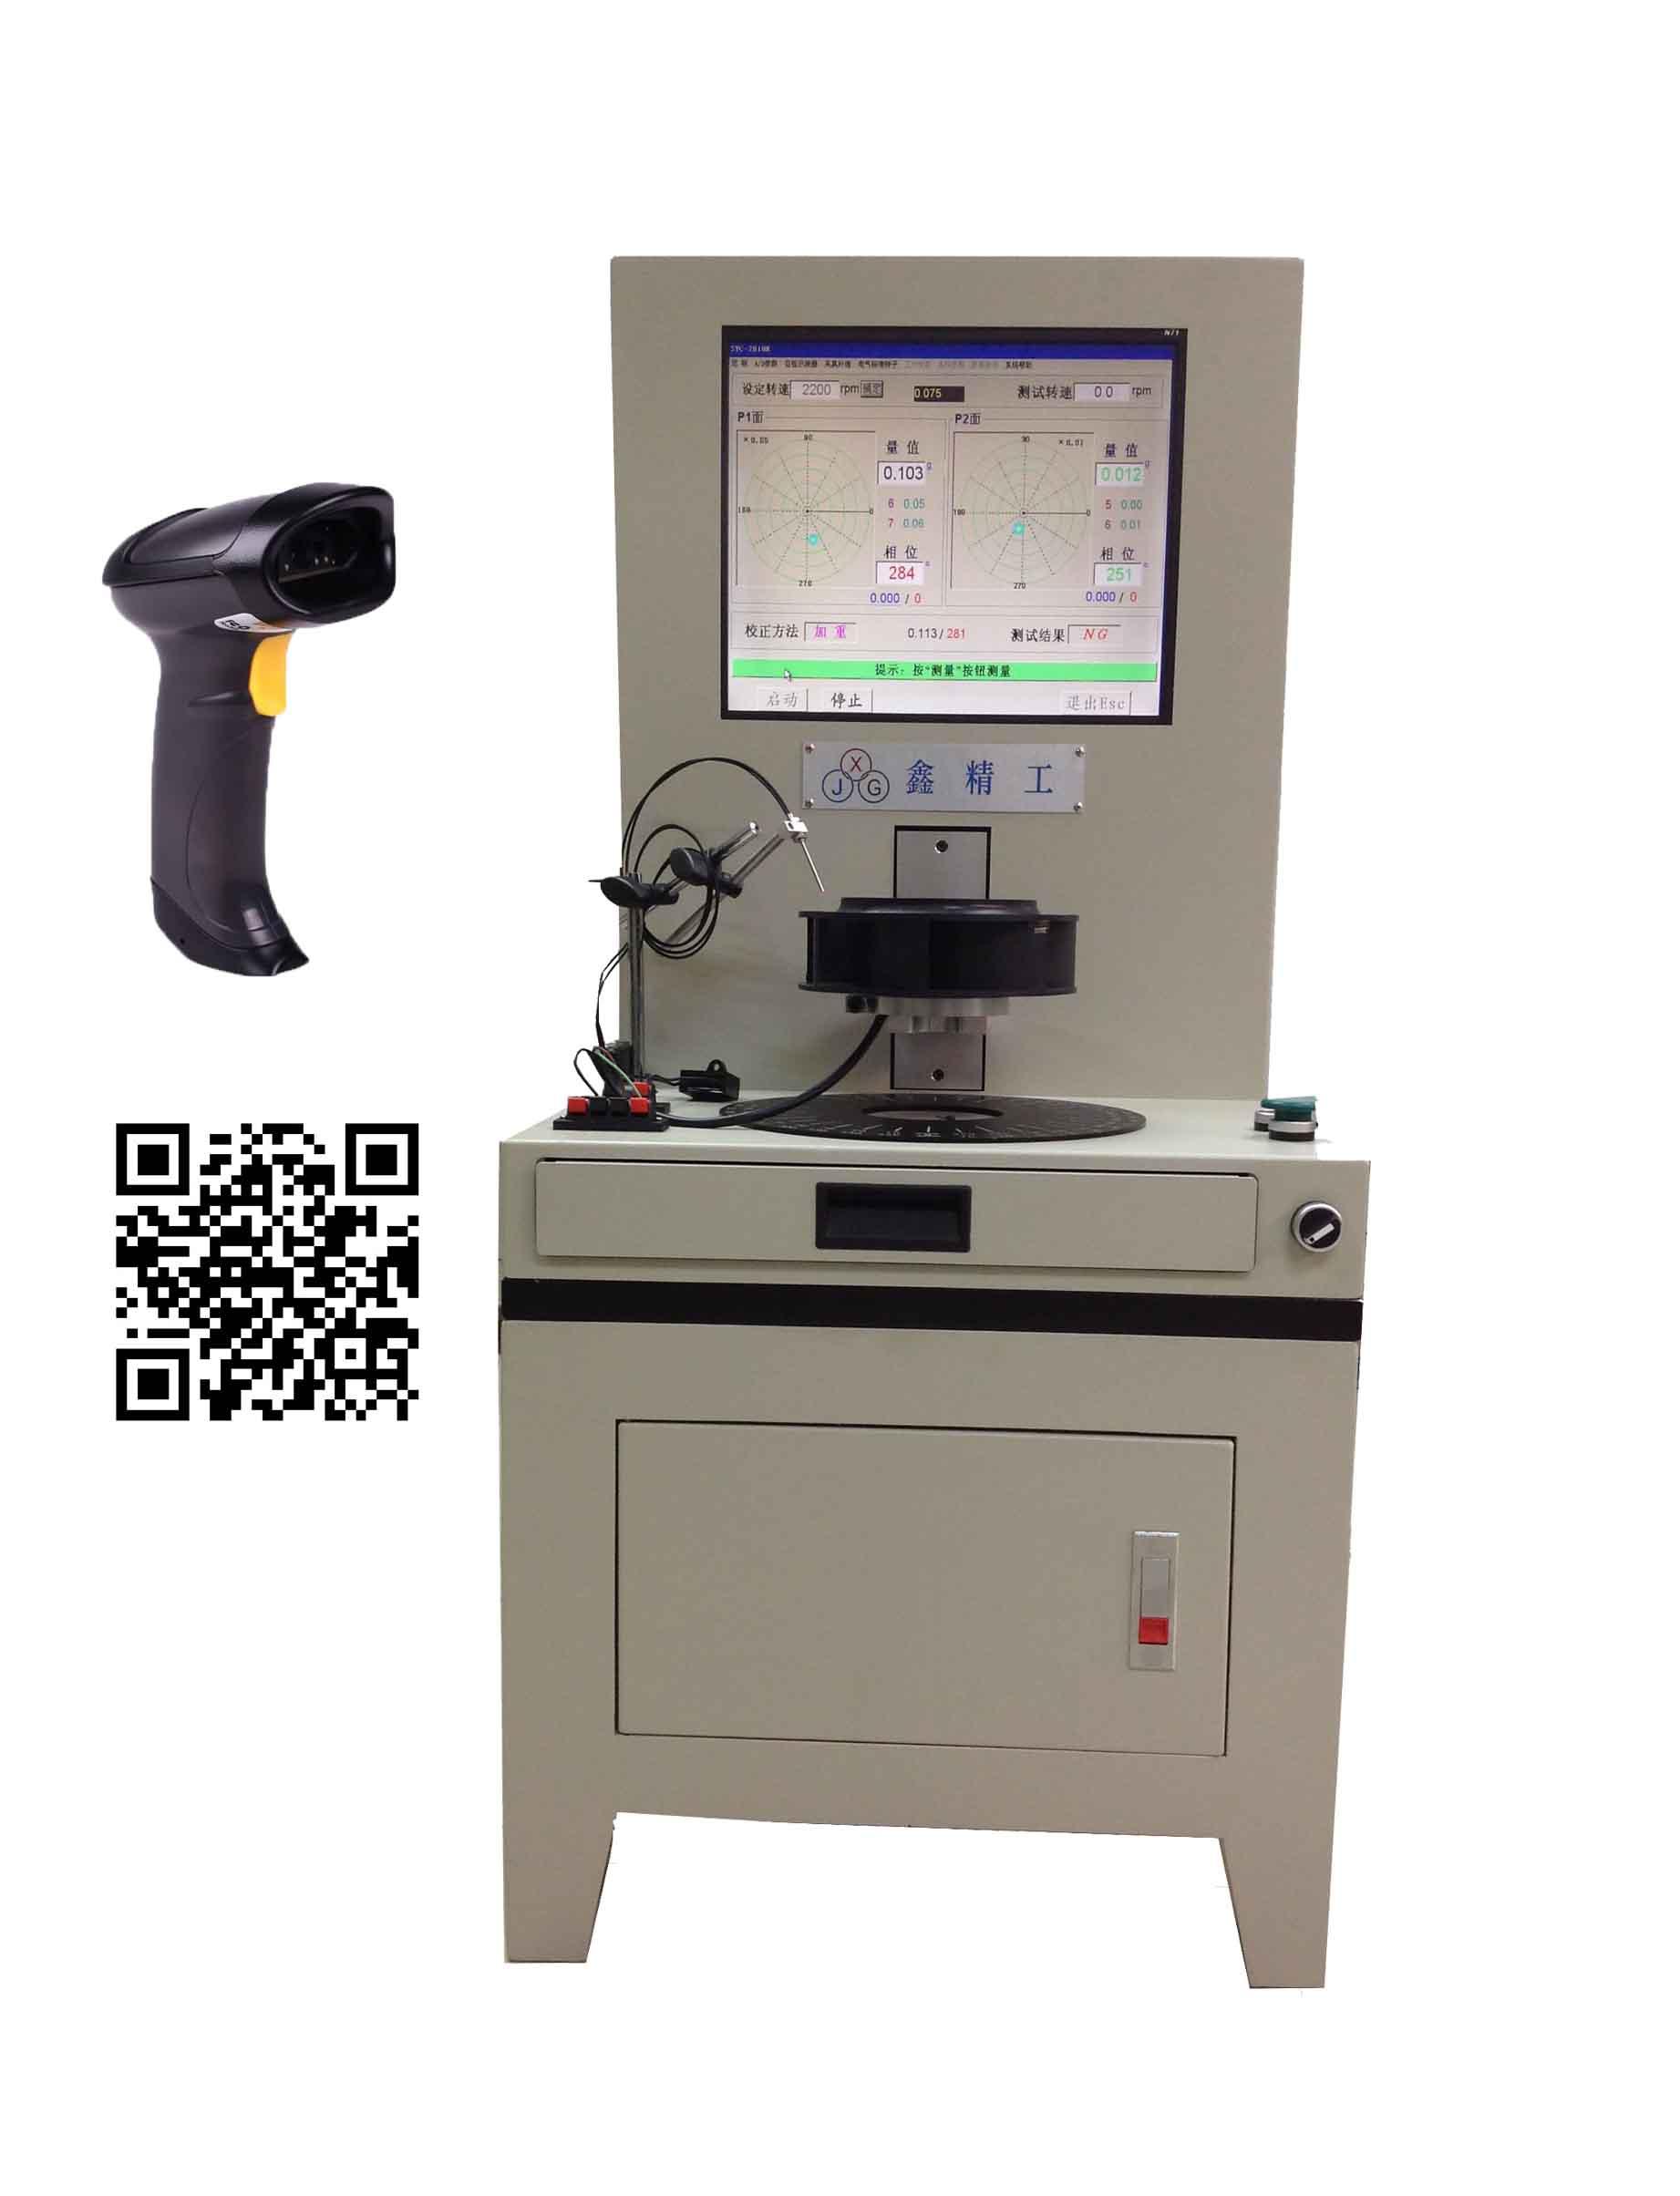 扫描二维码/条型码系统动平衡机